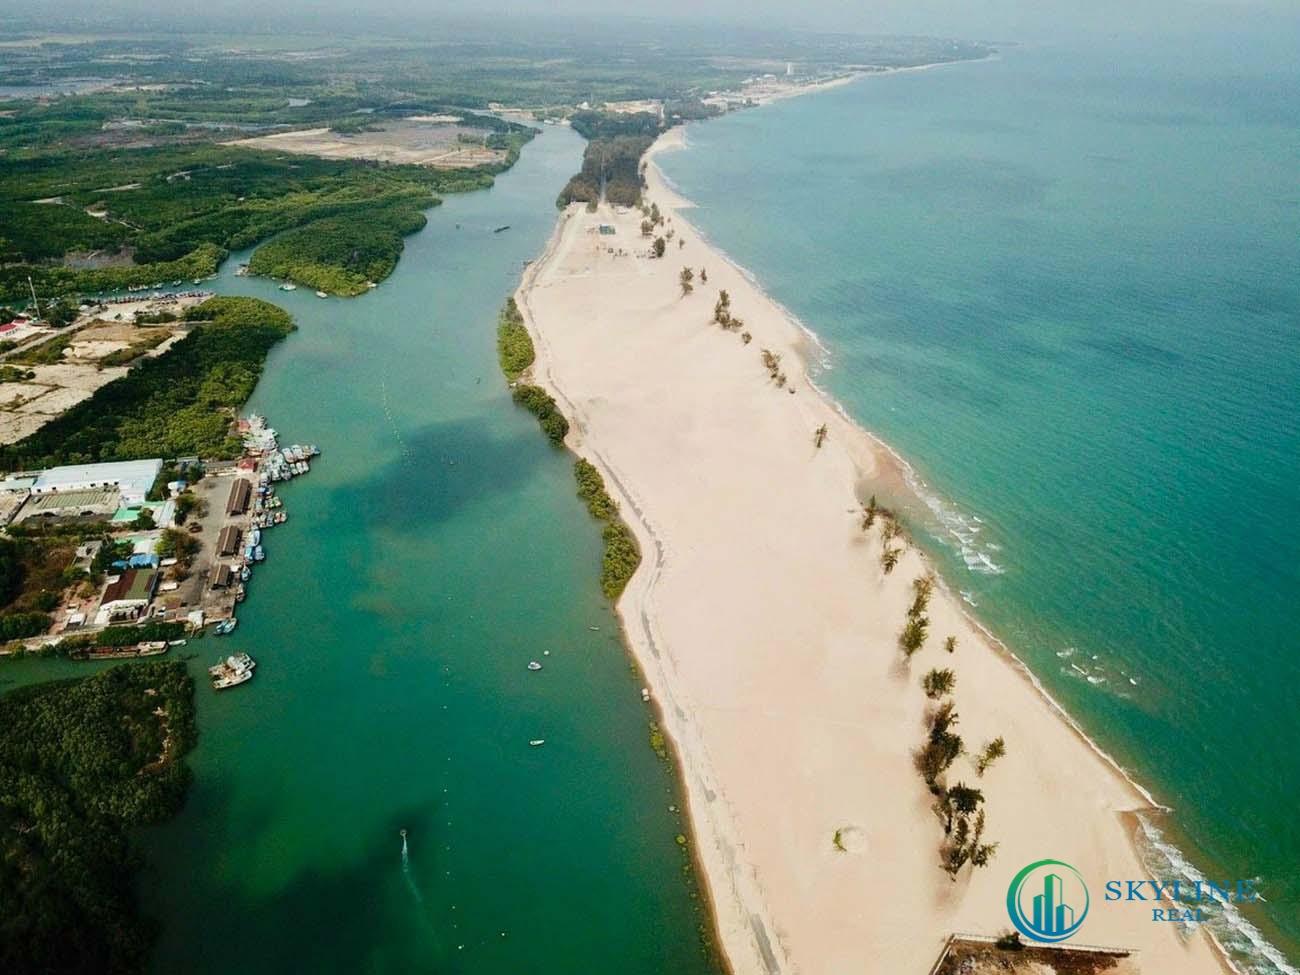 Habana Island - Sông biển giao hoà tuyệt đẹp